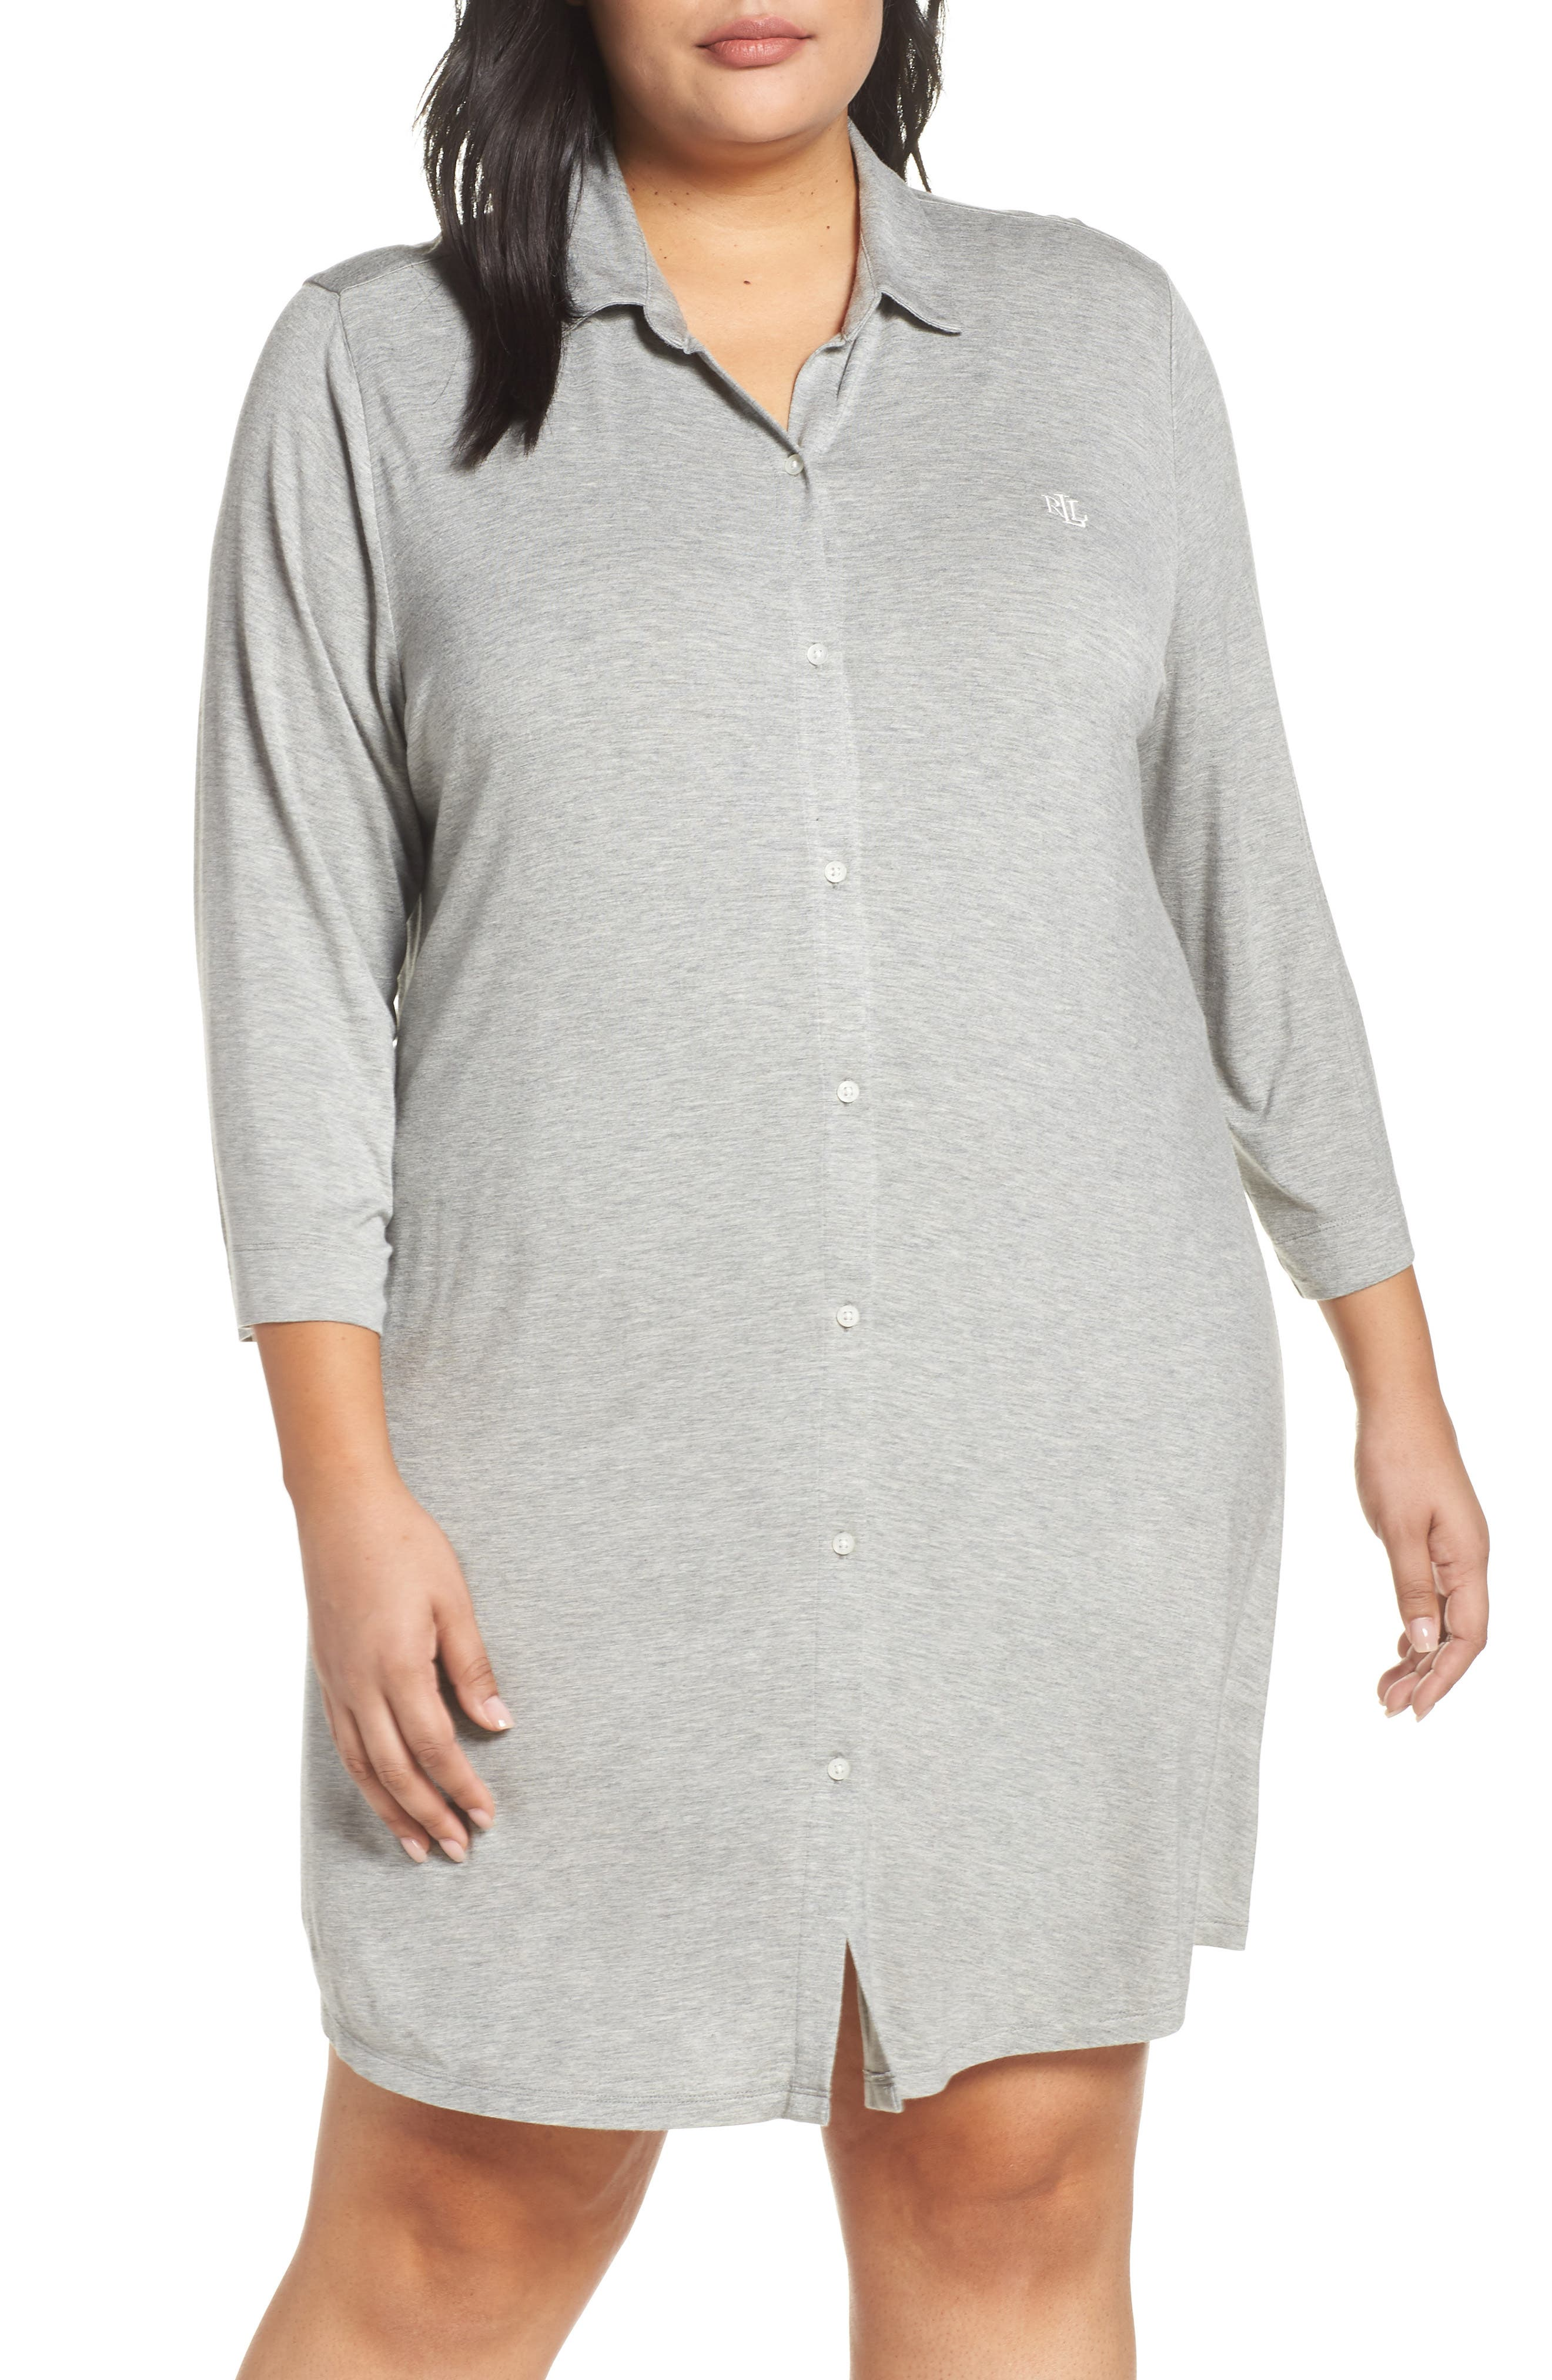 LAUREN RALPH LAUREN Sleep Shirt, Main, color, GREY